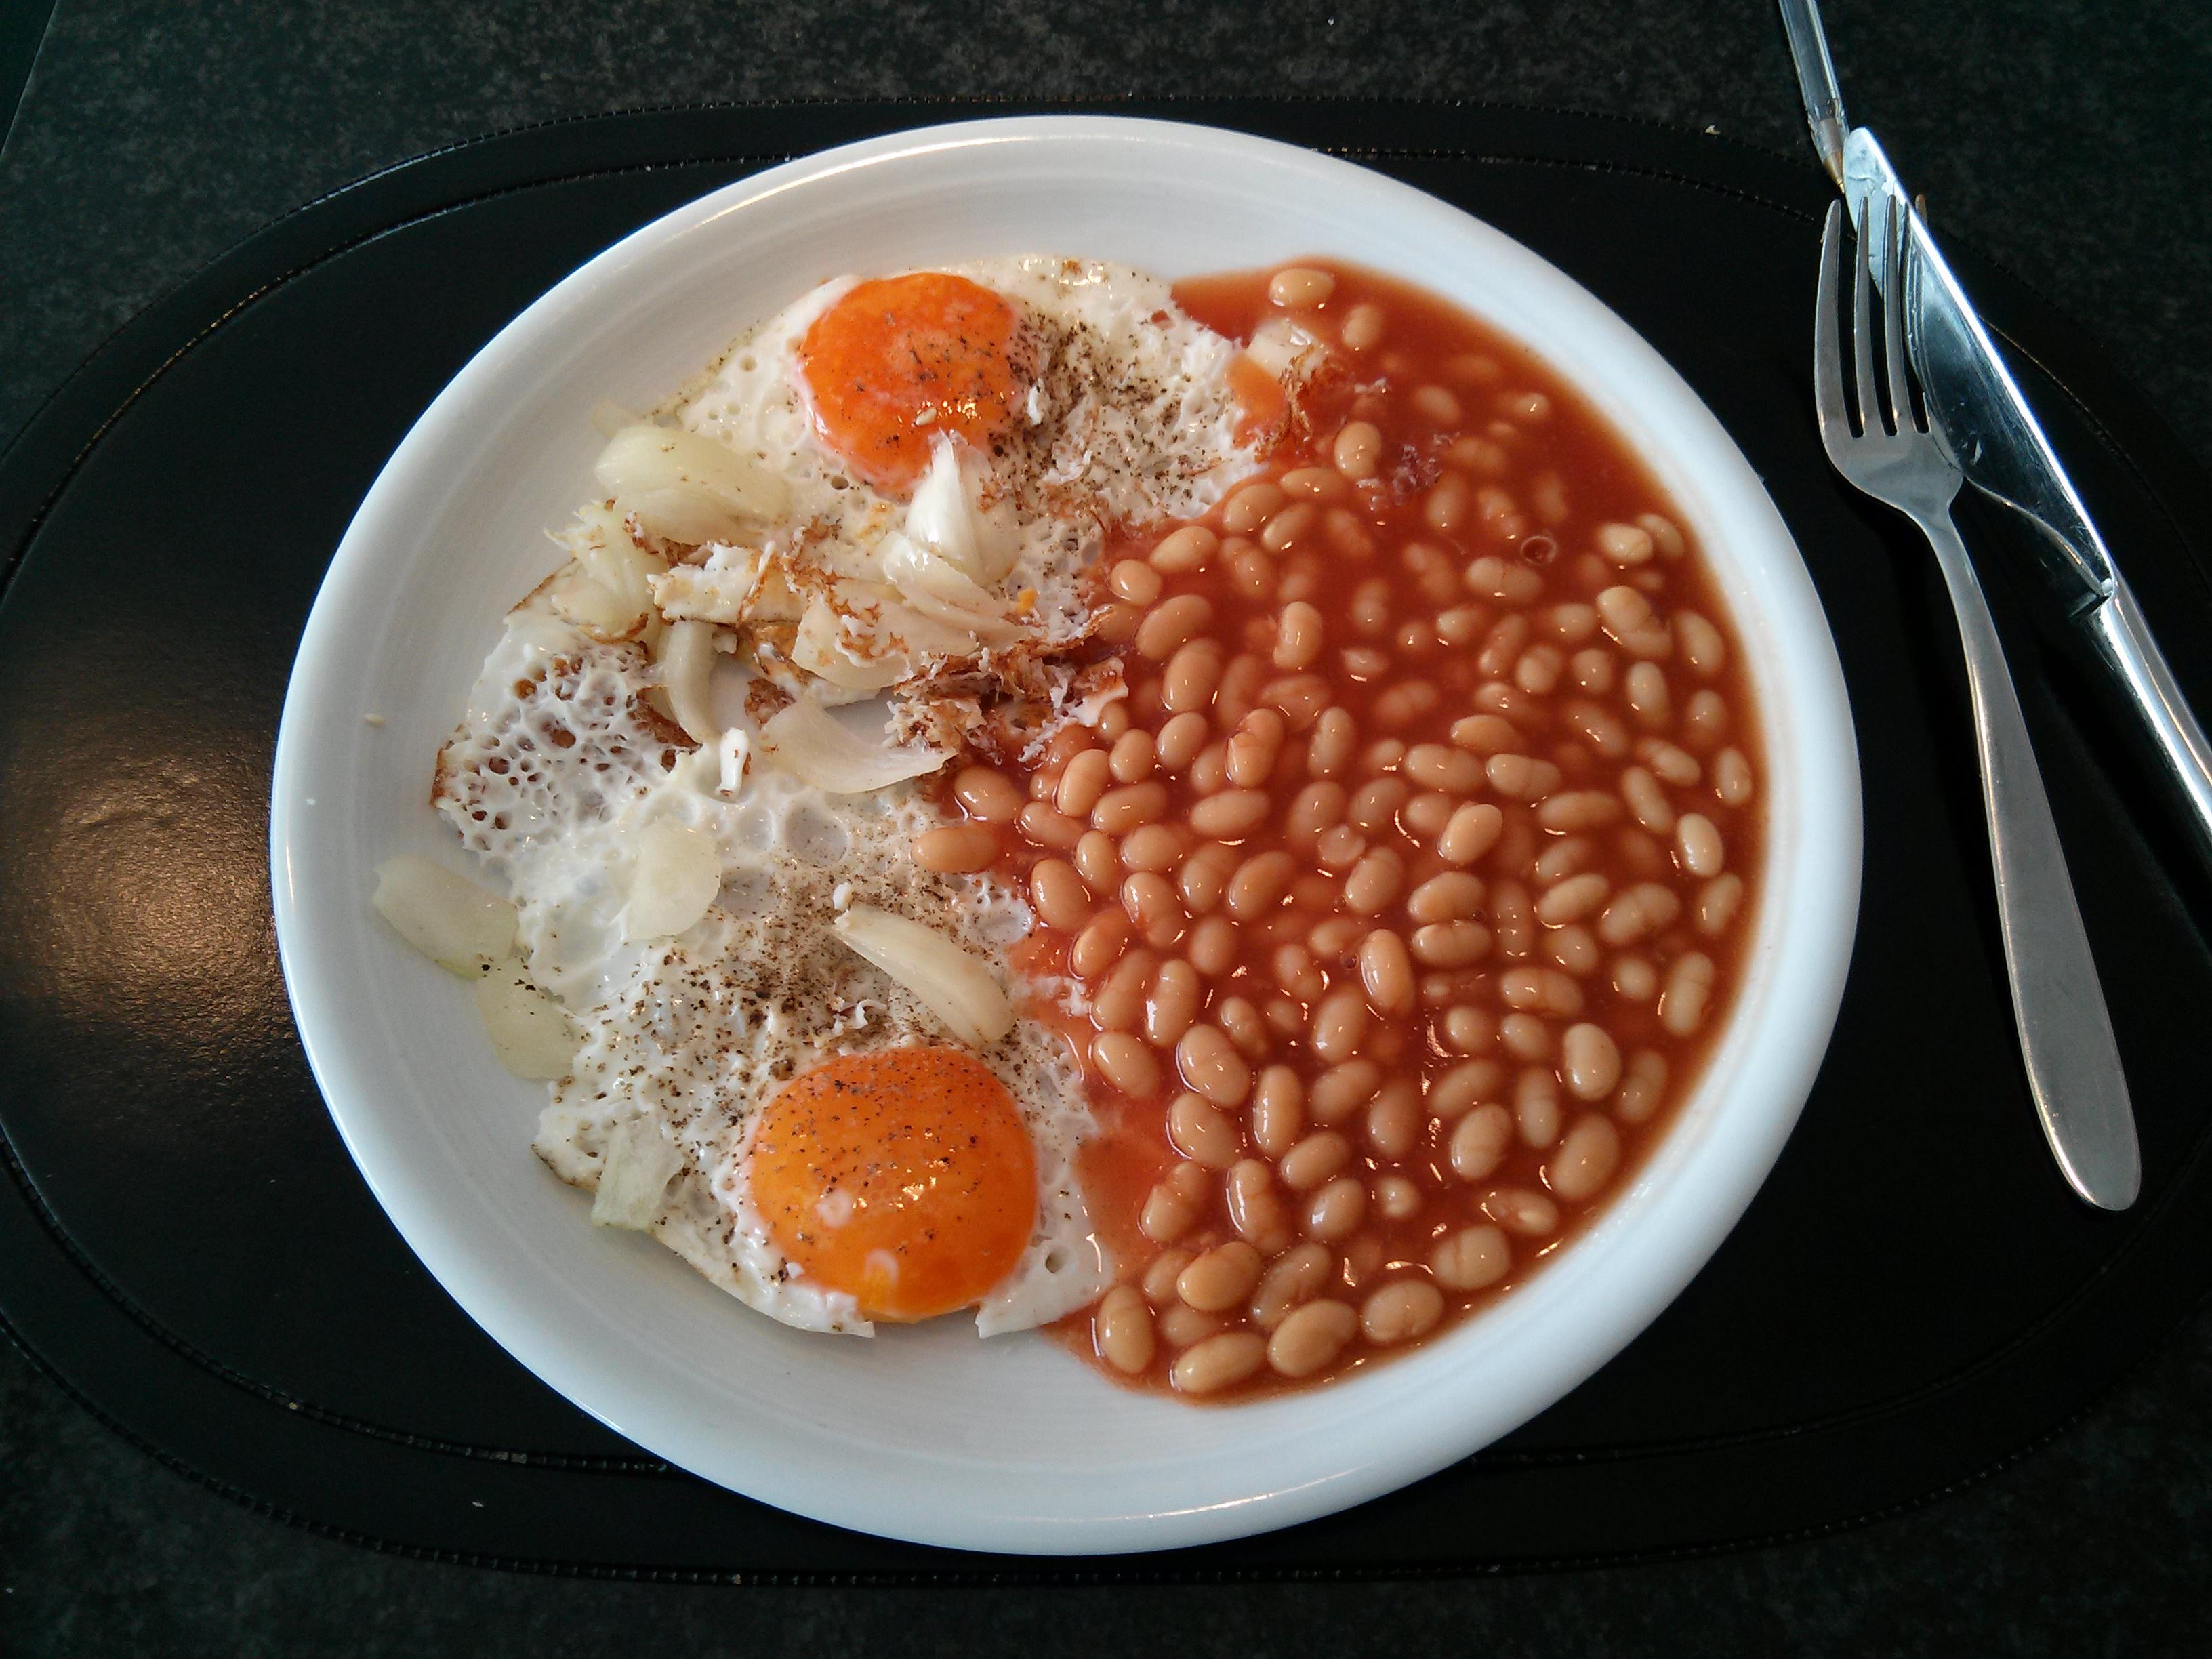 https://foodloader.net/nico_2013-03-25_spiegeleier-mit-gebackenen-bohnen-in-tomatensauce.jpg